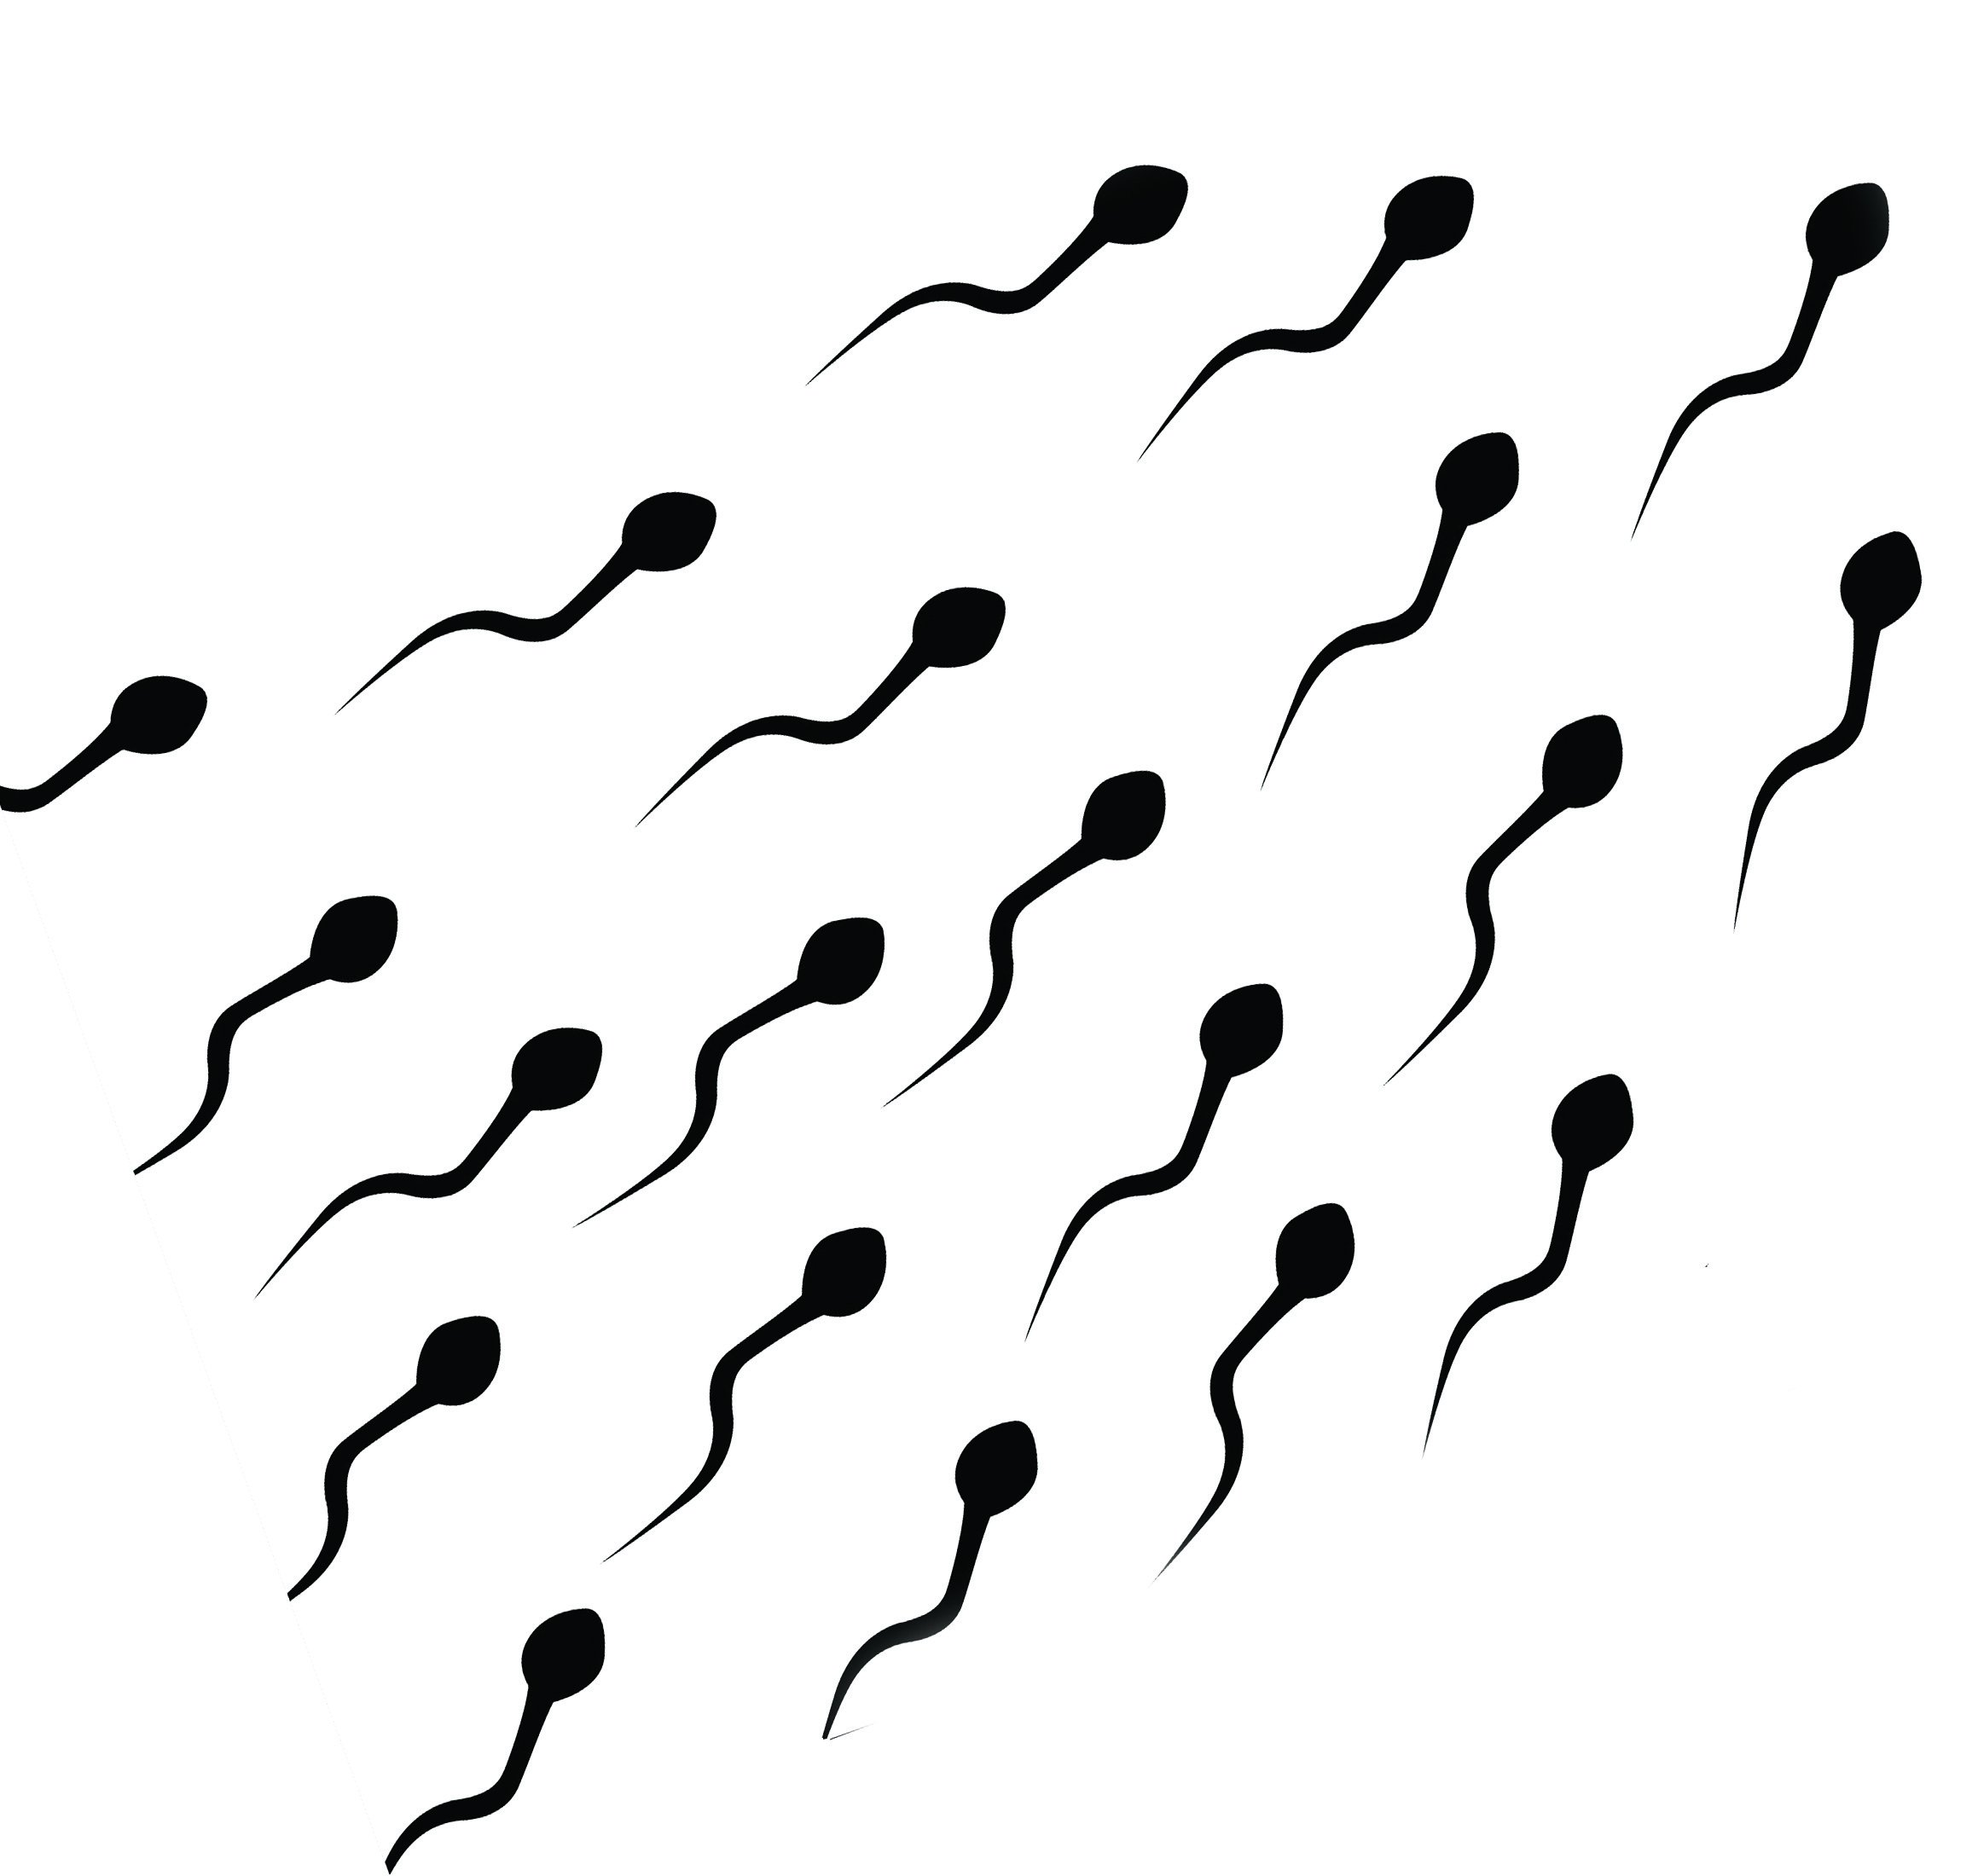 2319x2200 Best Sperm Wallpaper On Hipwallpaper Sperm Wallpaper, Sperm